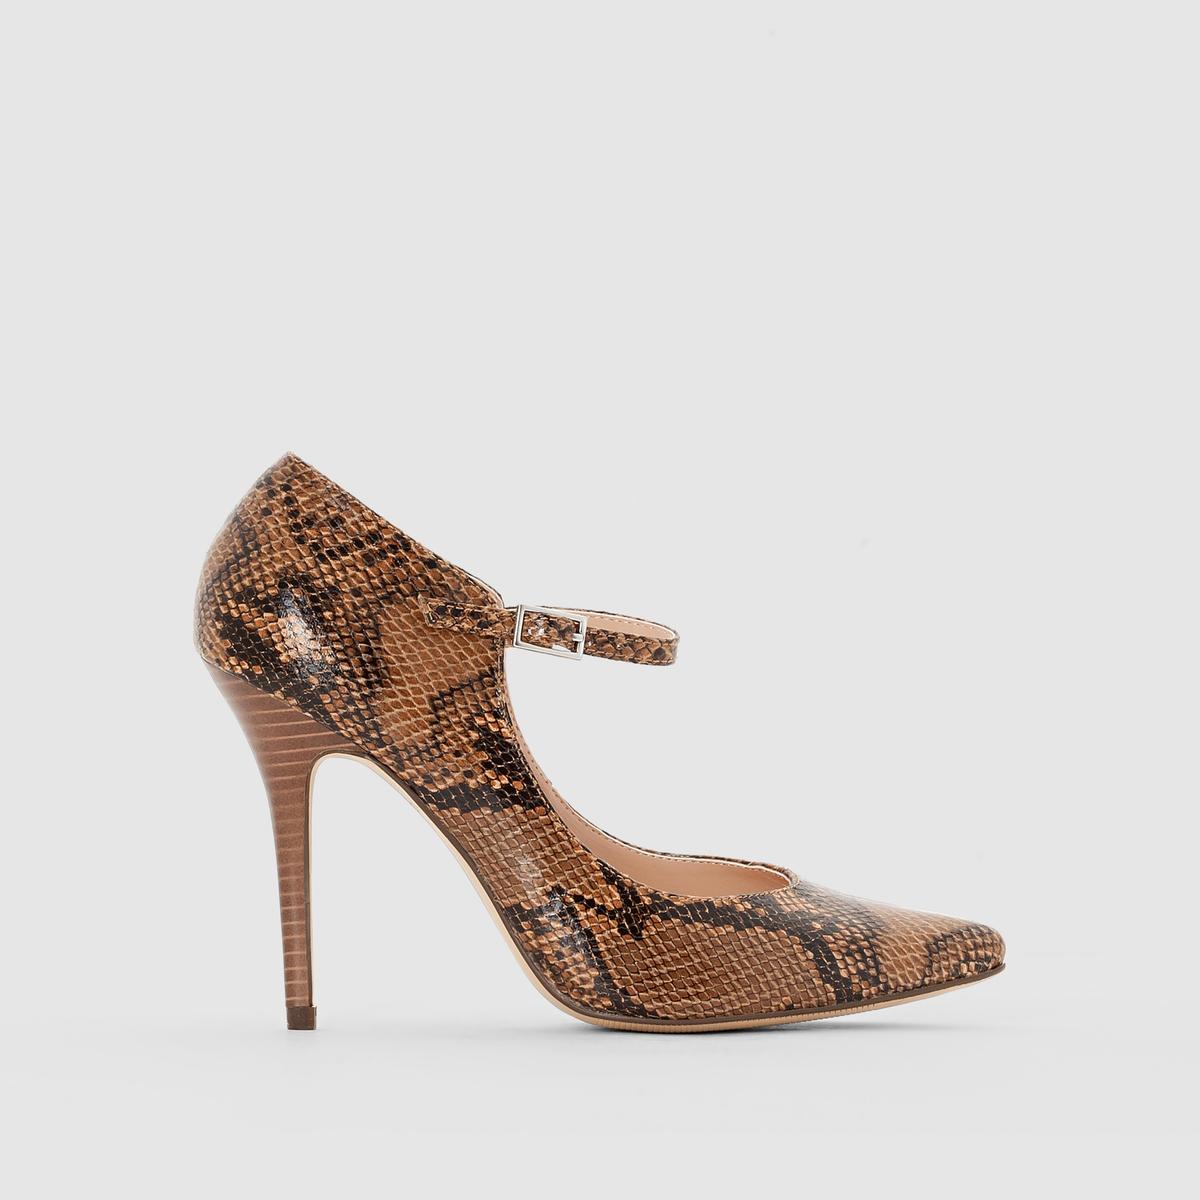 Туфли с пряжкой и рисунком под кожу питонаМарка :      R ?ditionВерх : синтетика.Подкладка : синтетика.Стелька : синтетика.Подошва : из эластомераВысота каблука : 10,5 cм  Форма каблука: тонкийМысок : заострённыйПреимущества : женственная модель и высокий каблук создадут ошеломляющий силуэтМы советуем выбирать обувь на размер больше, чем ваш обычный размер<br><br>Цвет: под питона<br>Размер: 40.41